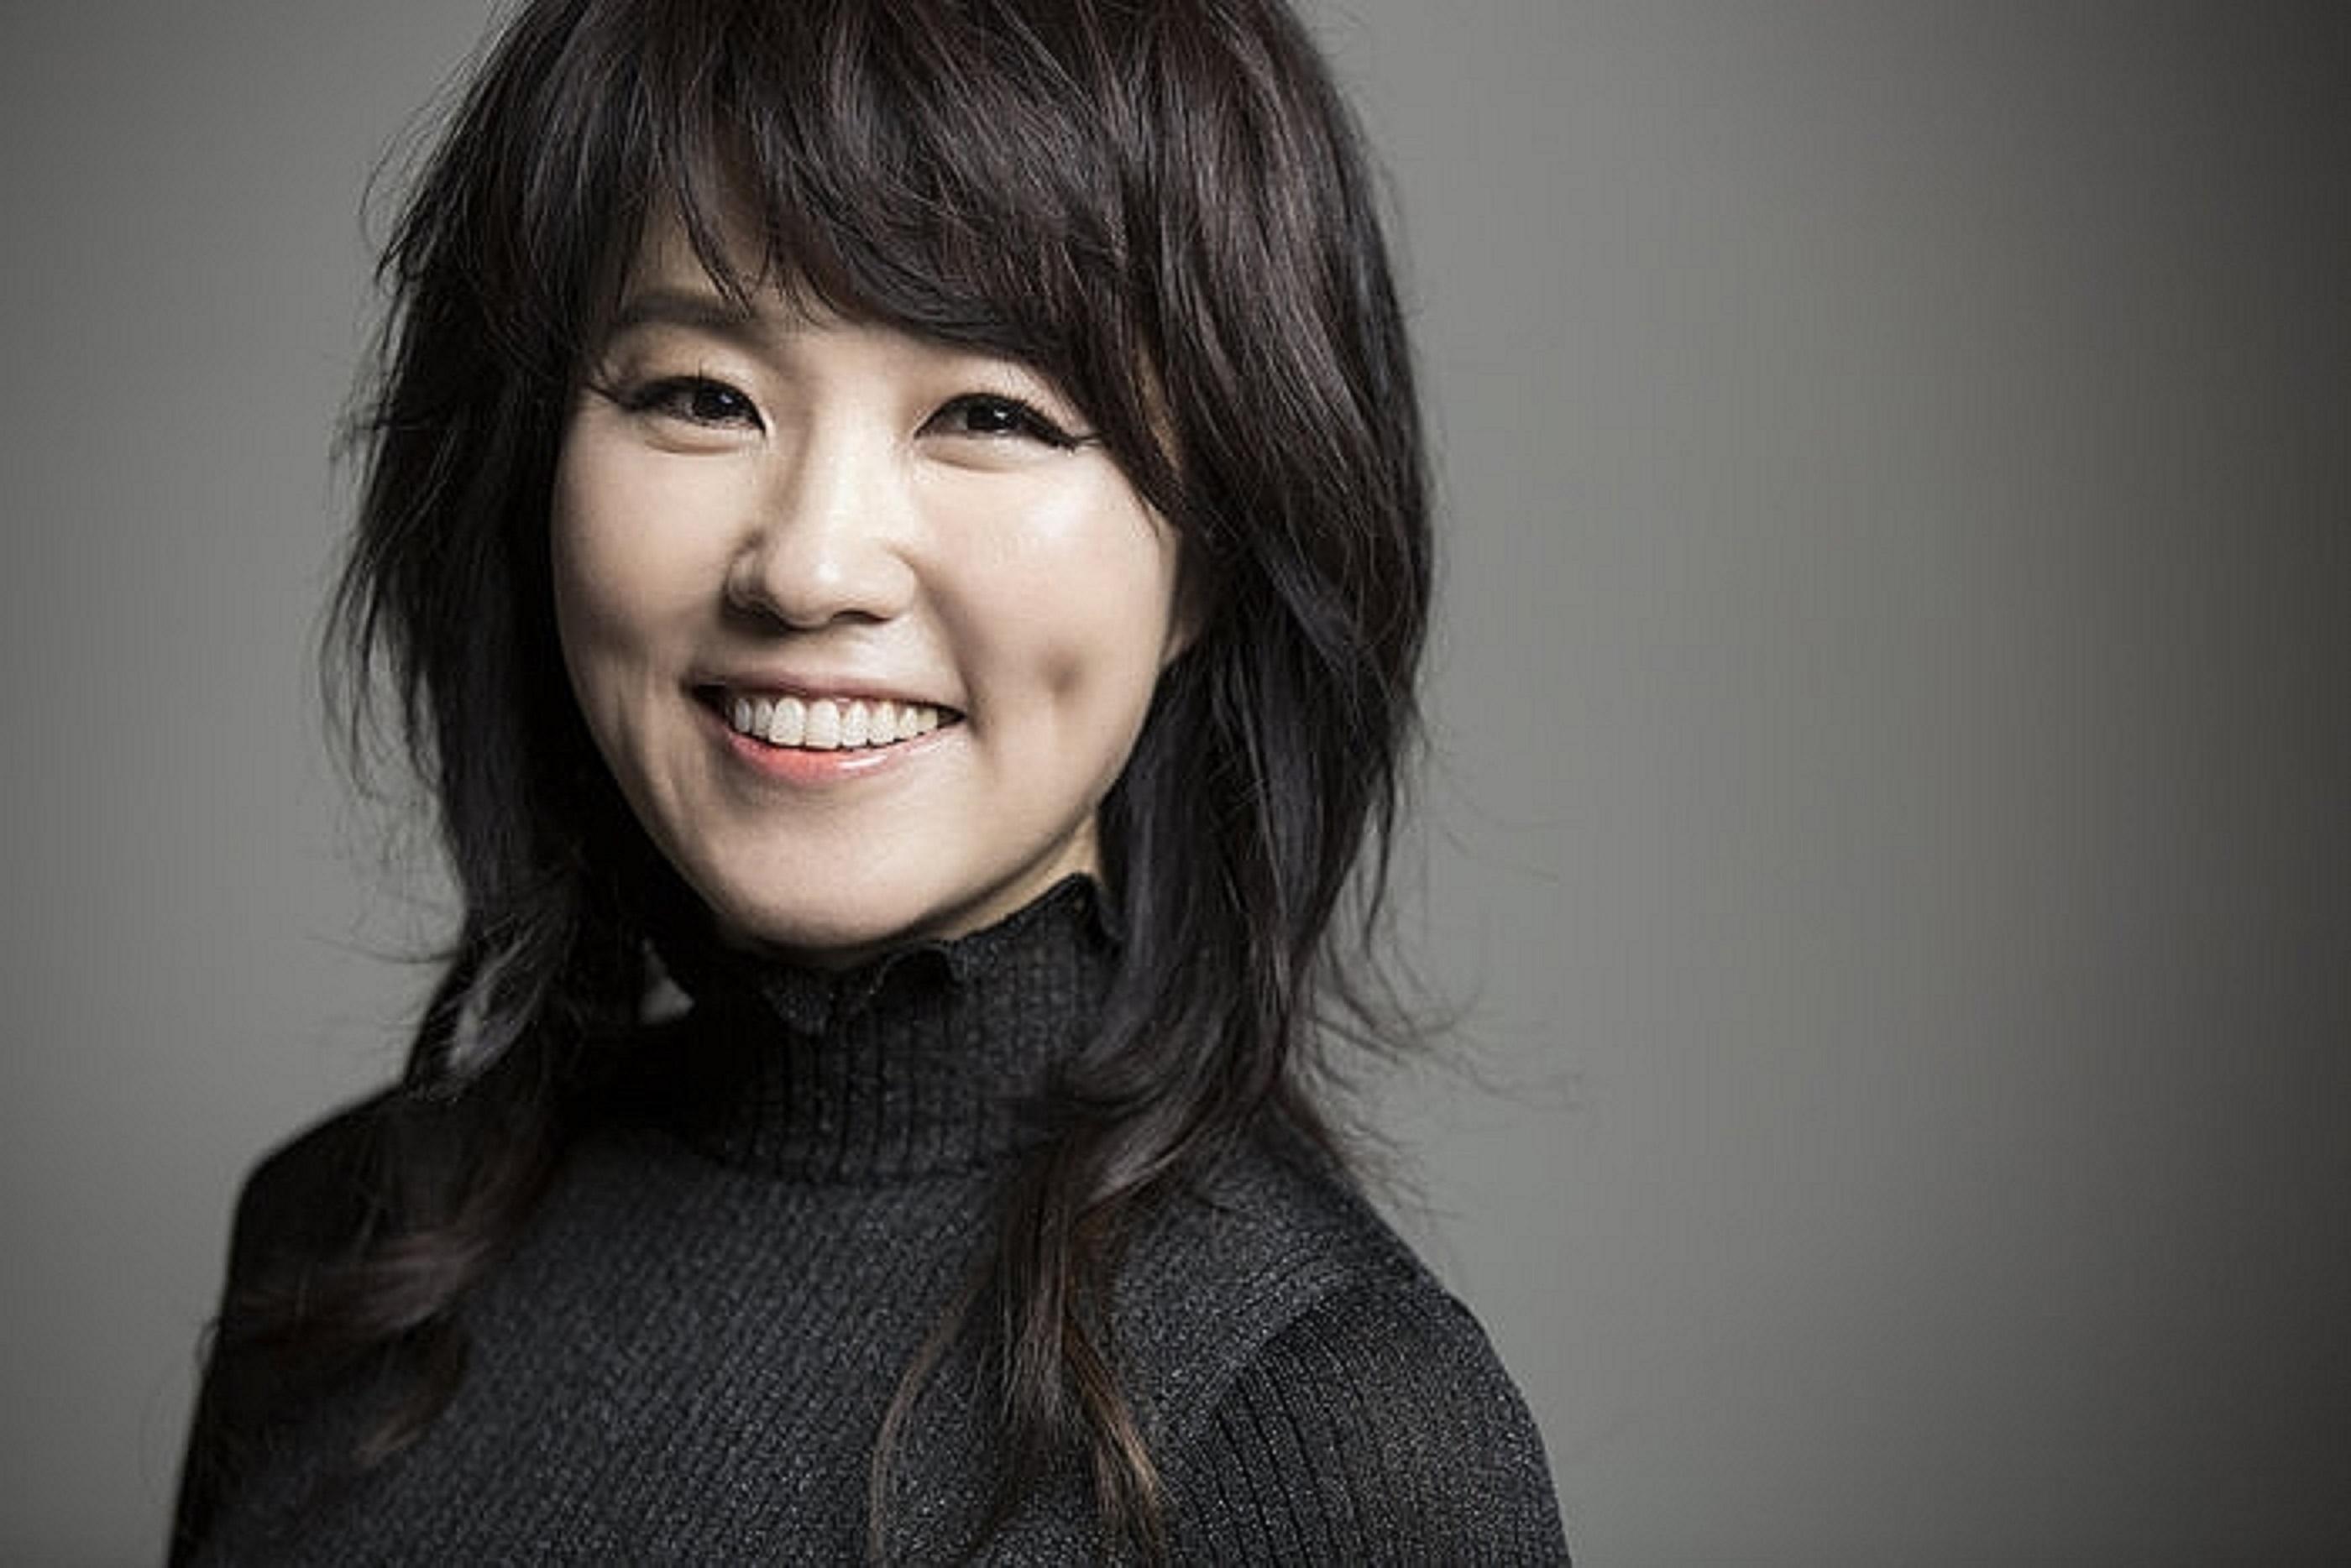 Vocalist Youn Sun Nah